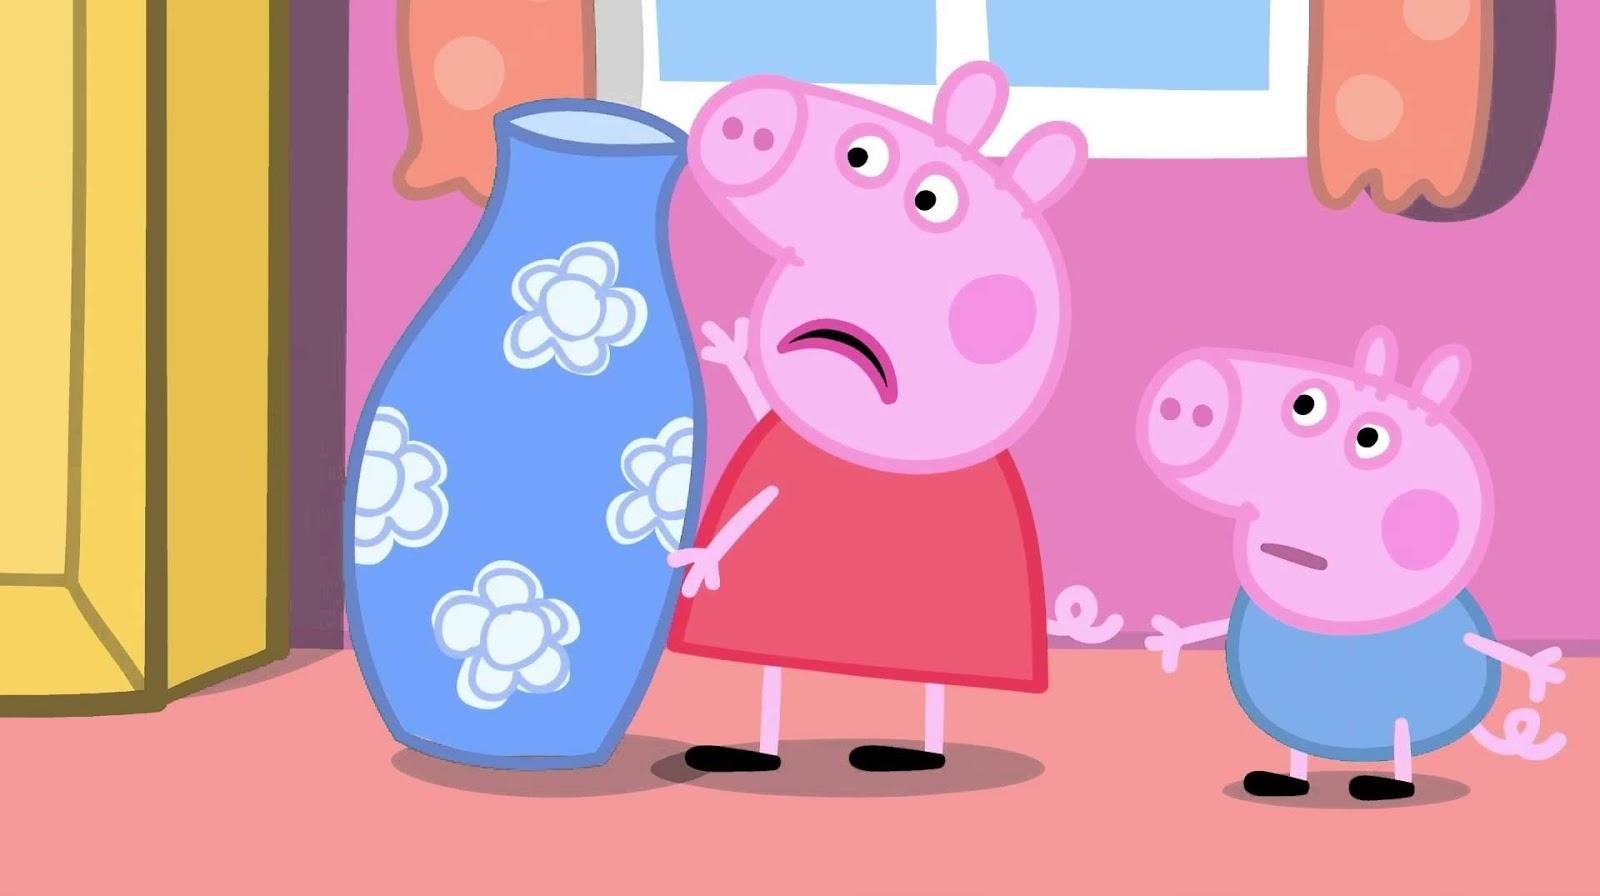 disney hd wallpapers peppa pig cartoon hd wallpapers